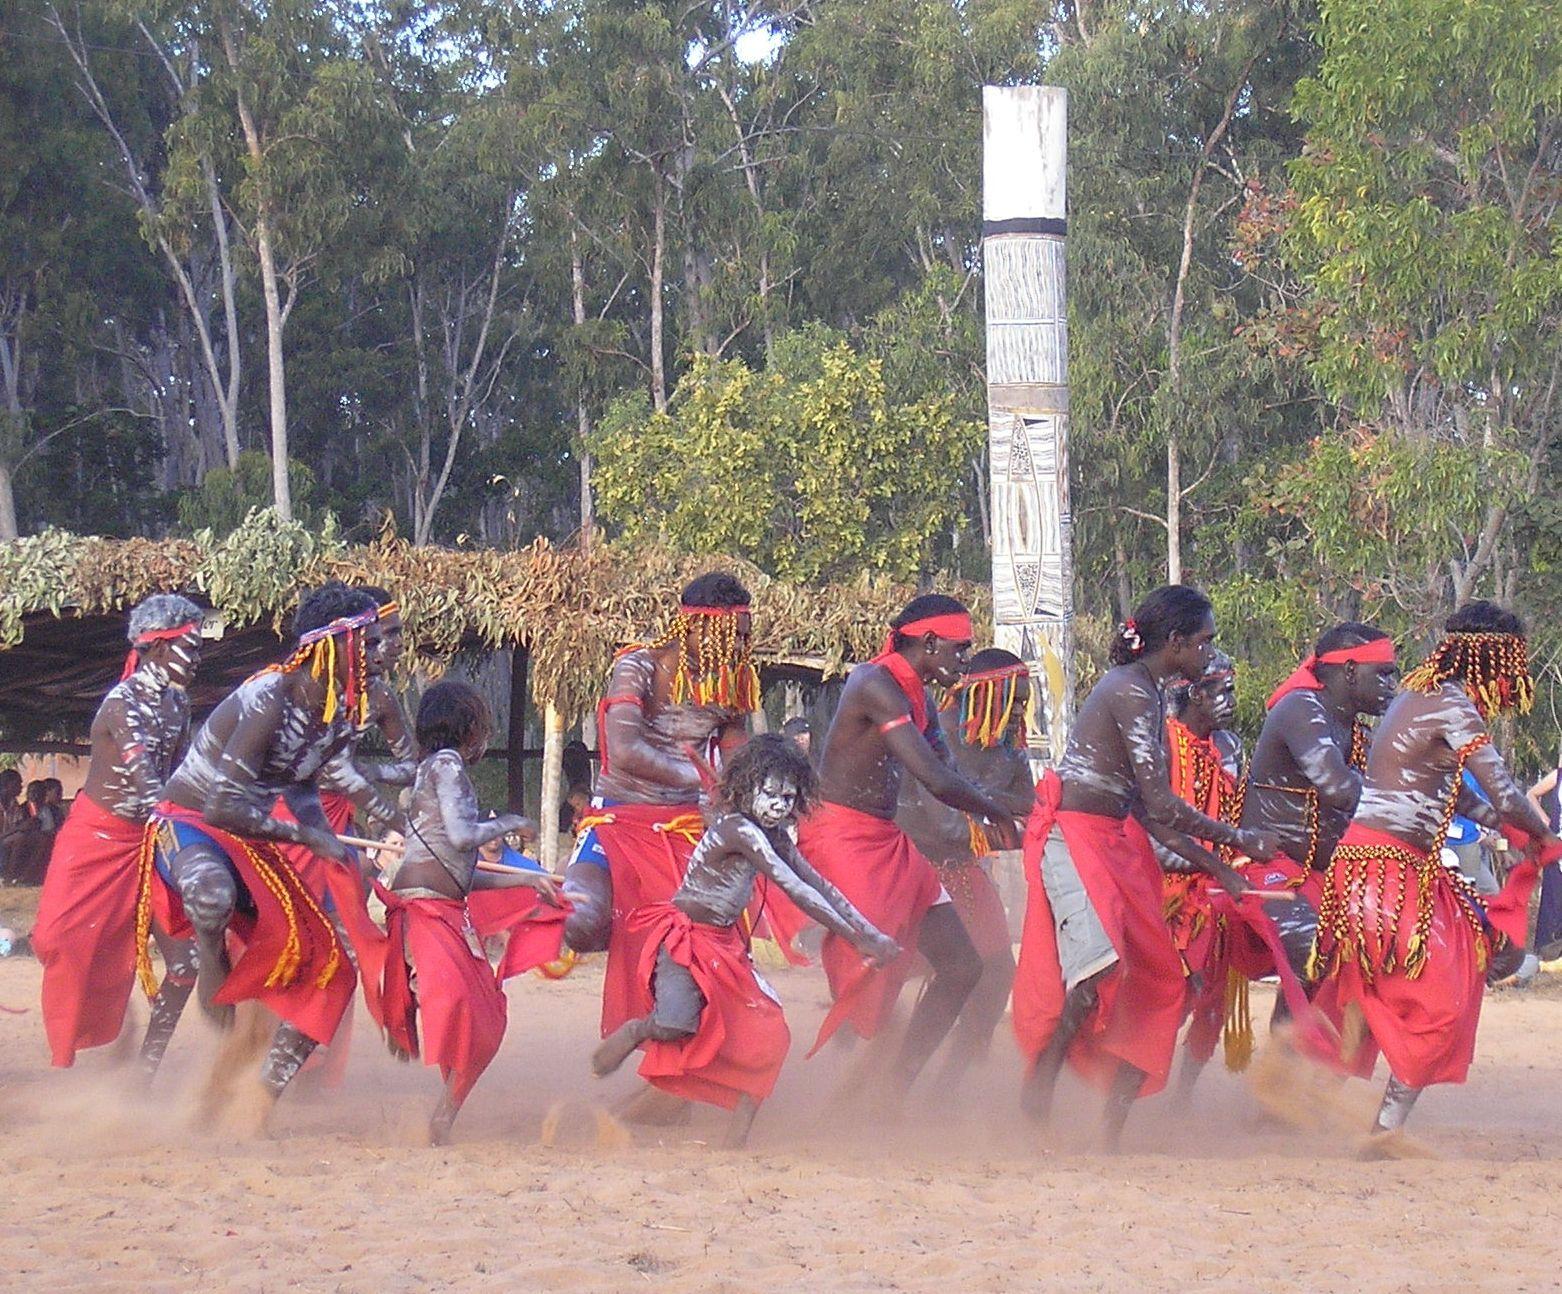 Australian Folk Dance Folk Dance World Dance Aboriginal Culture